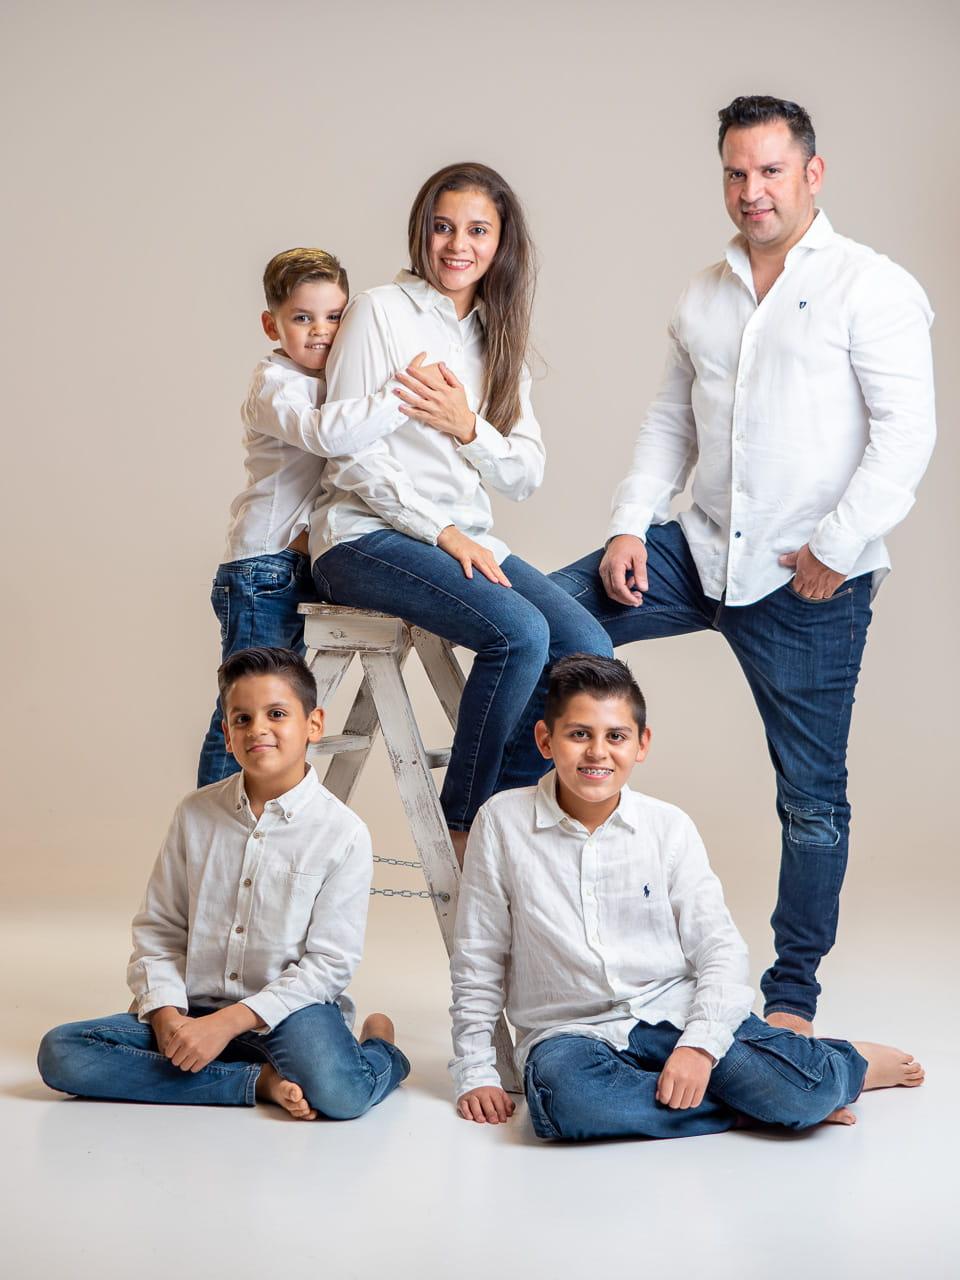 fotografia de familia en estudio